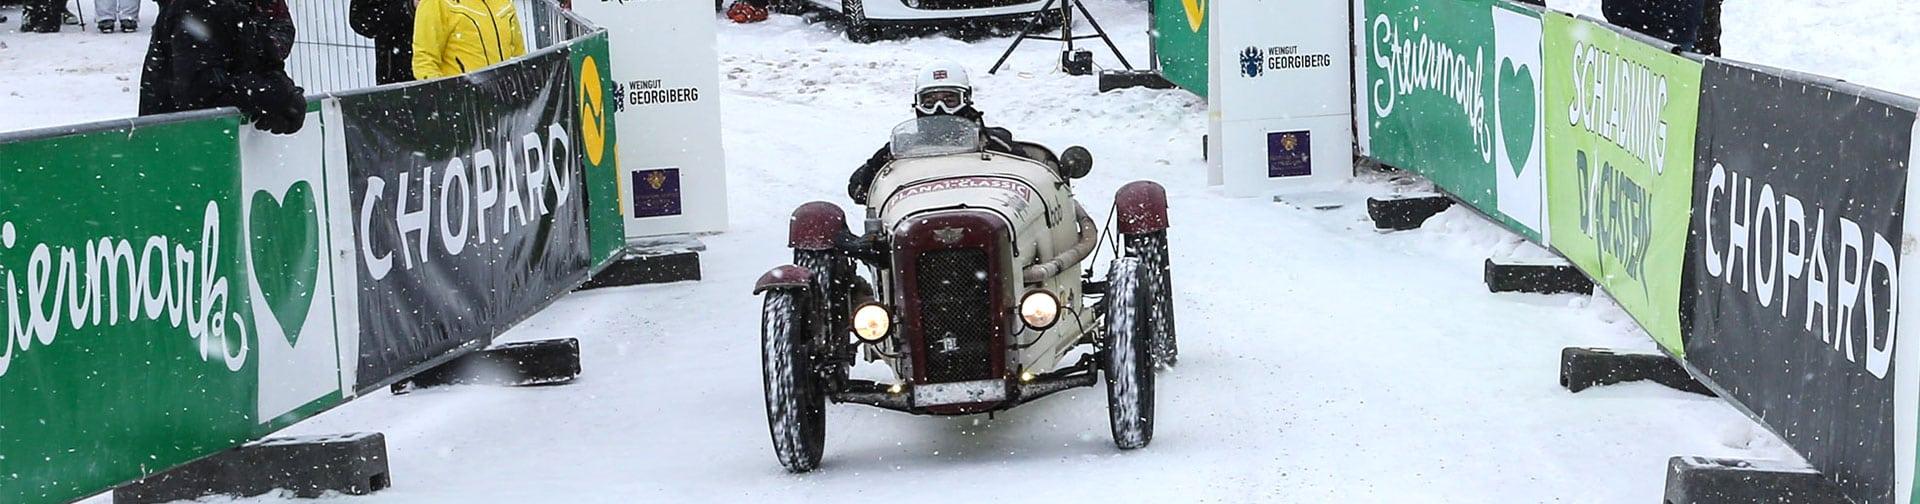 Planai Classic - Winterurlaub in Schladming